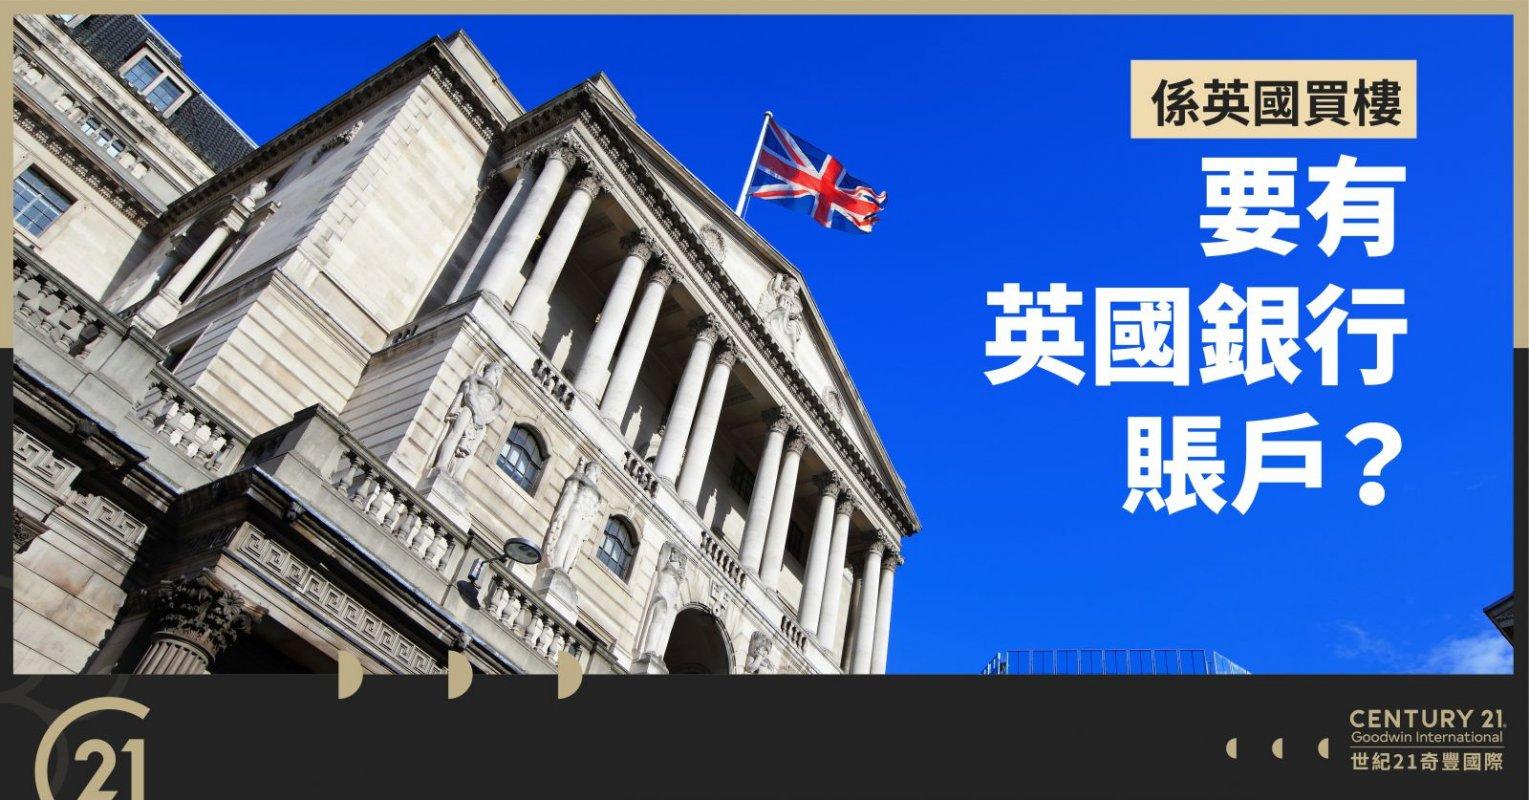 英國買樓需要擁有英國銀行賬戶?